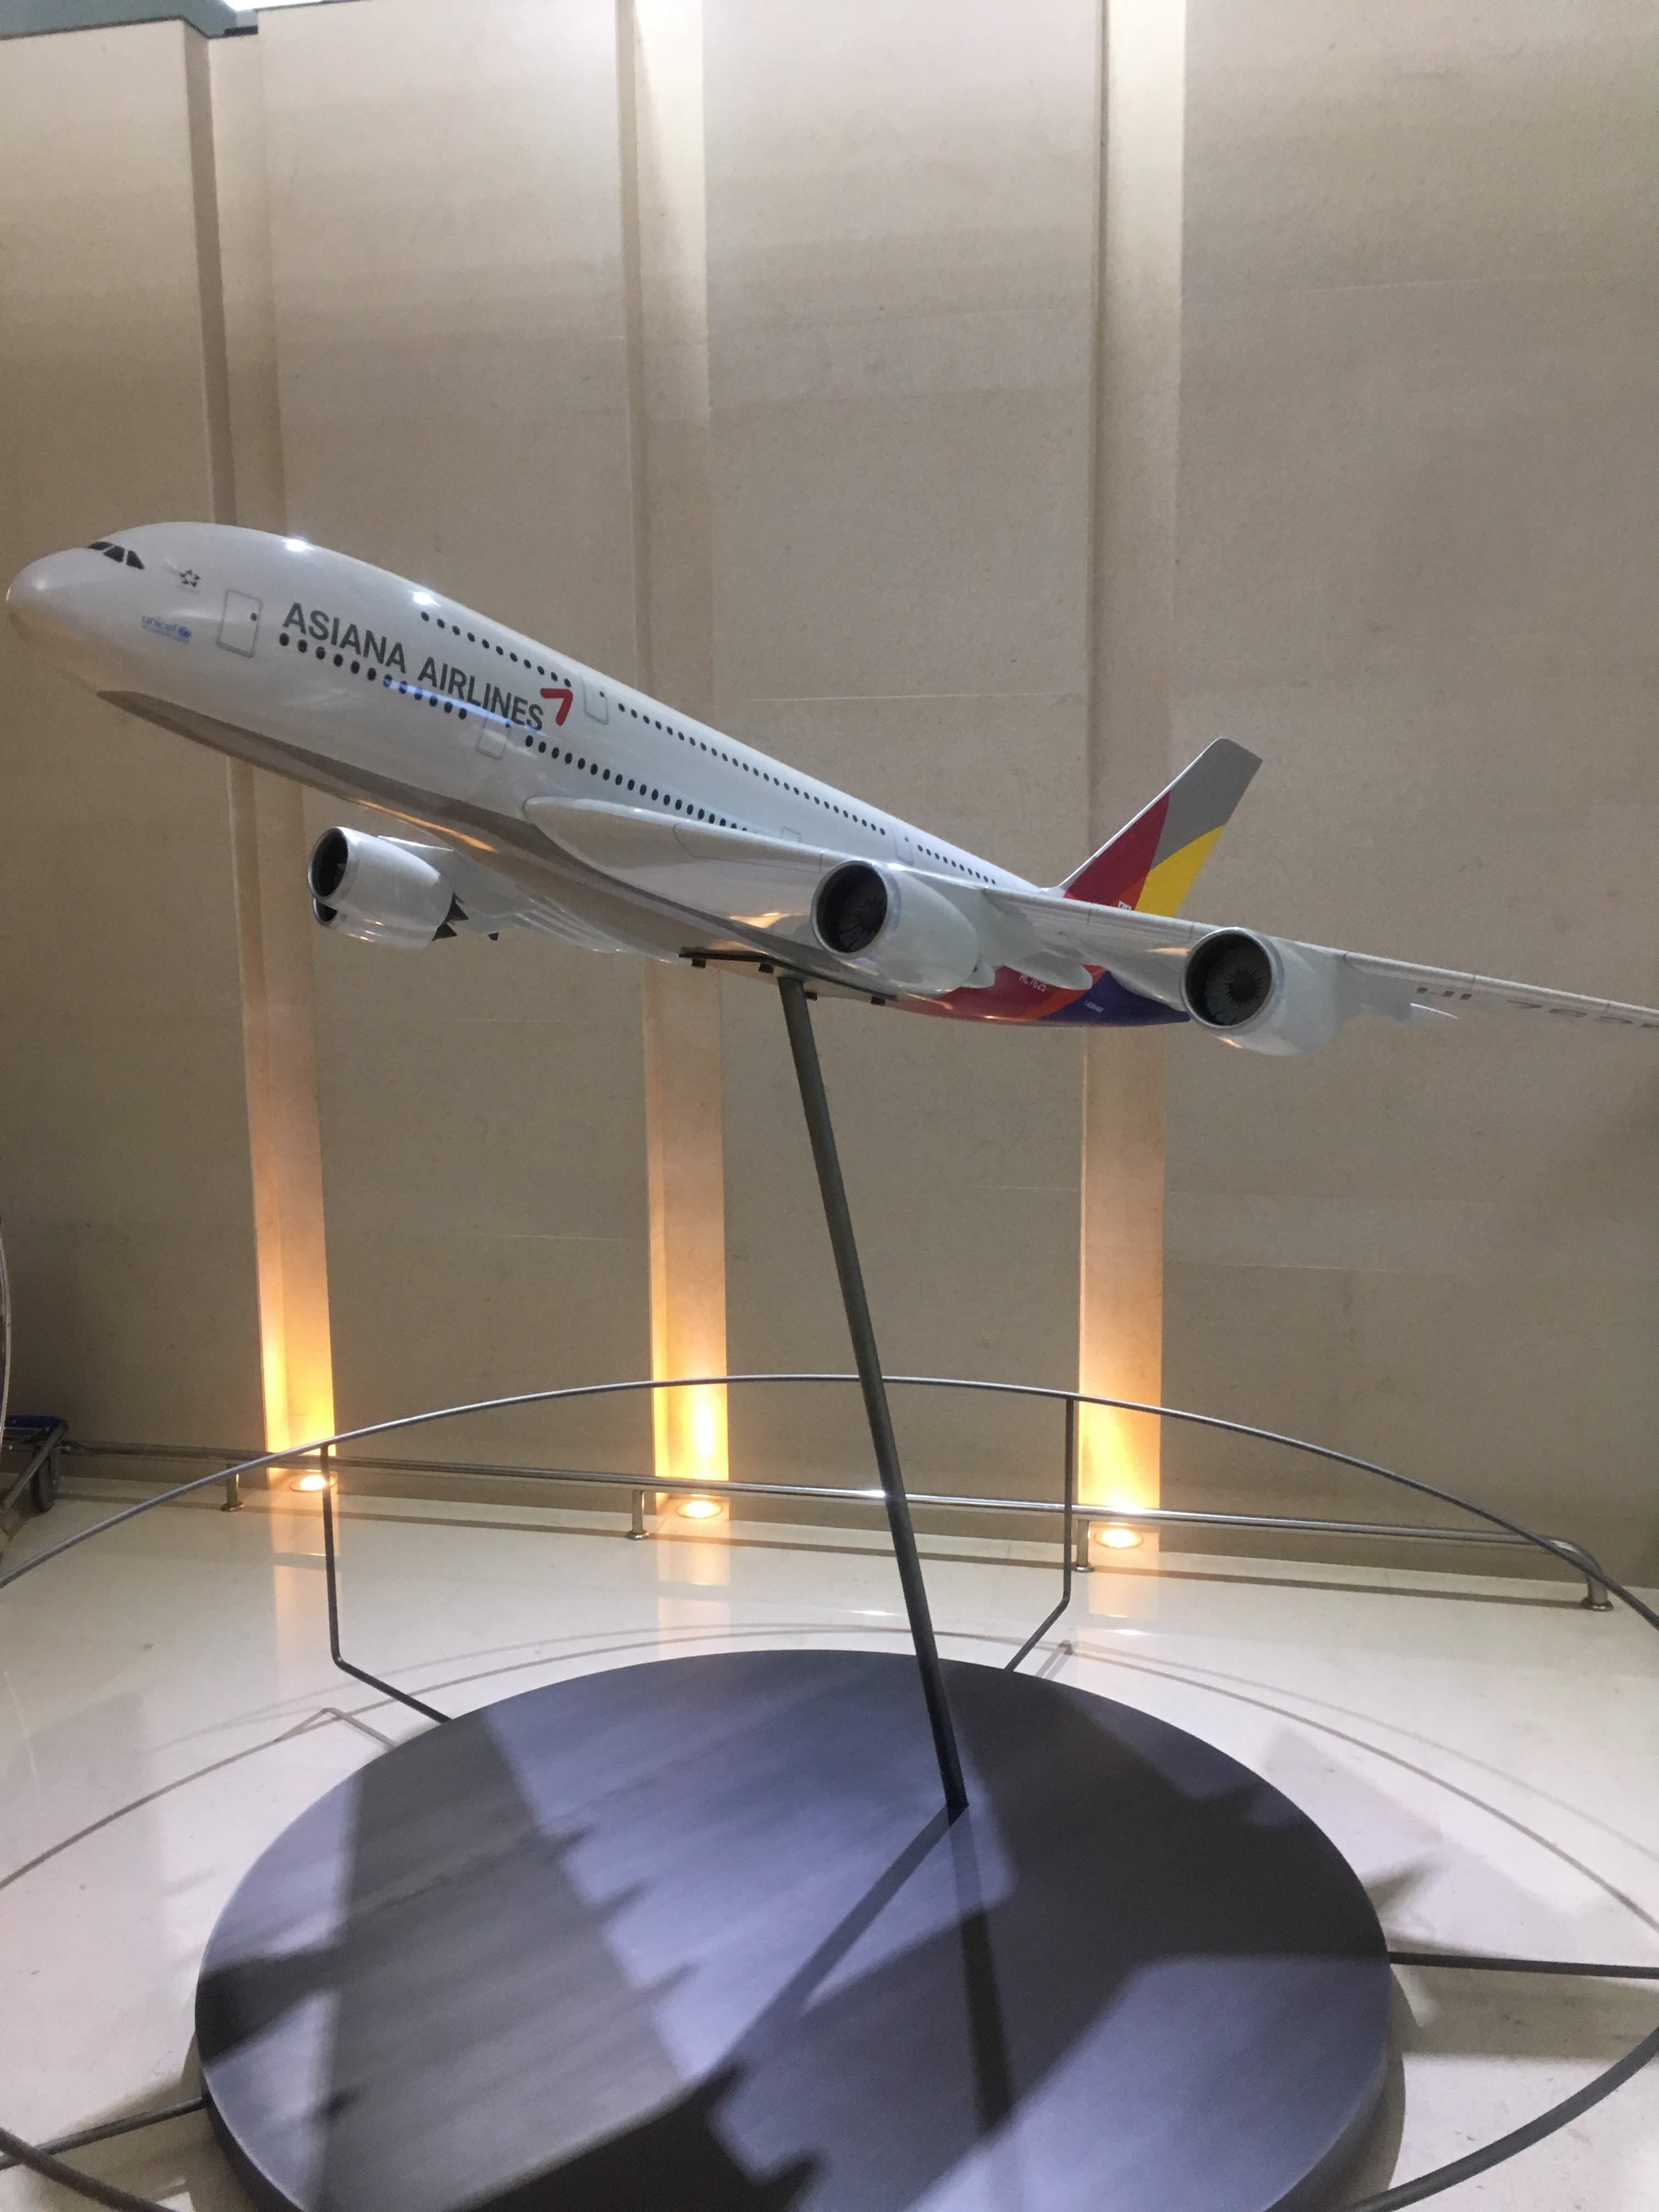 インチョン空港アシアナラウンジ飛行機模型